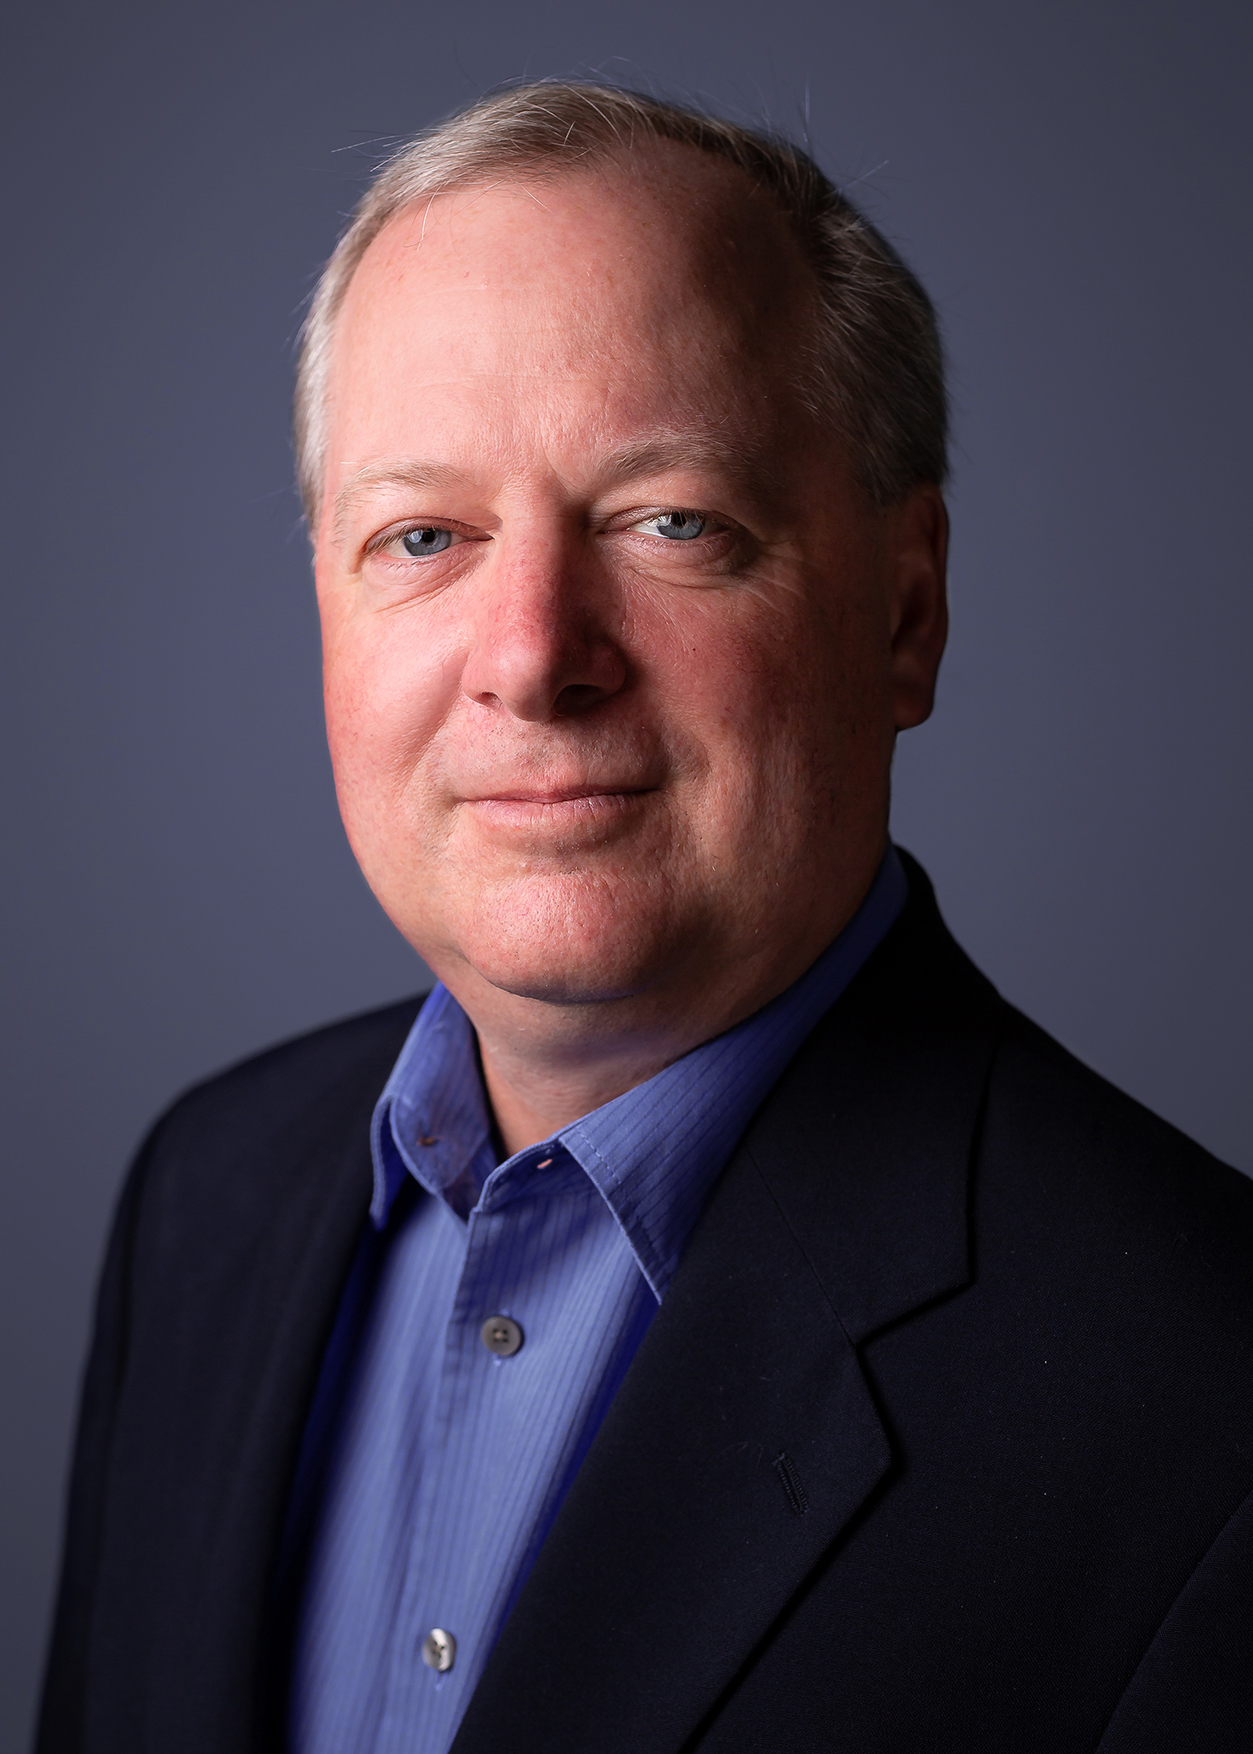 John Dengler